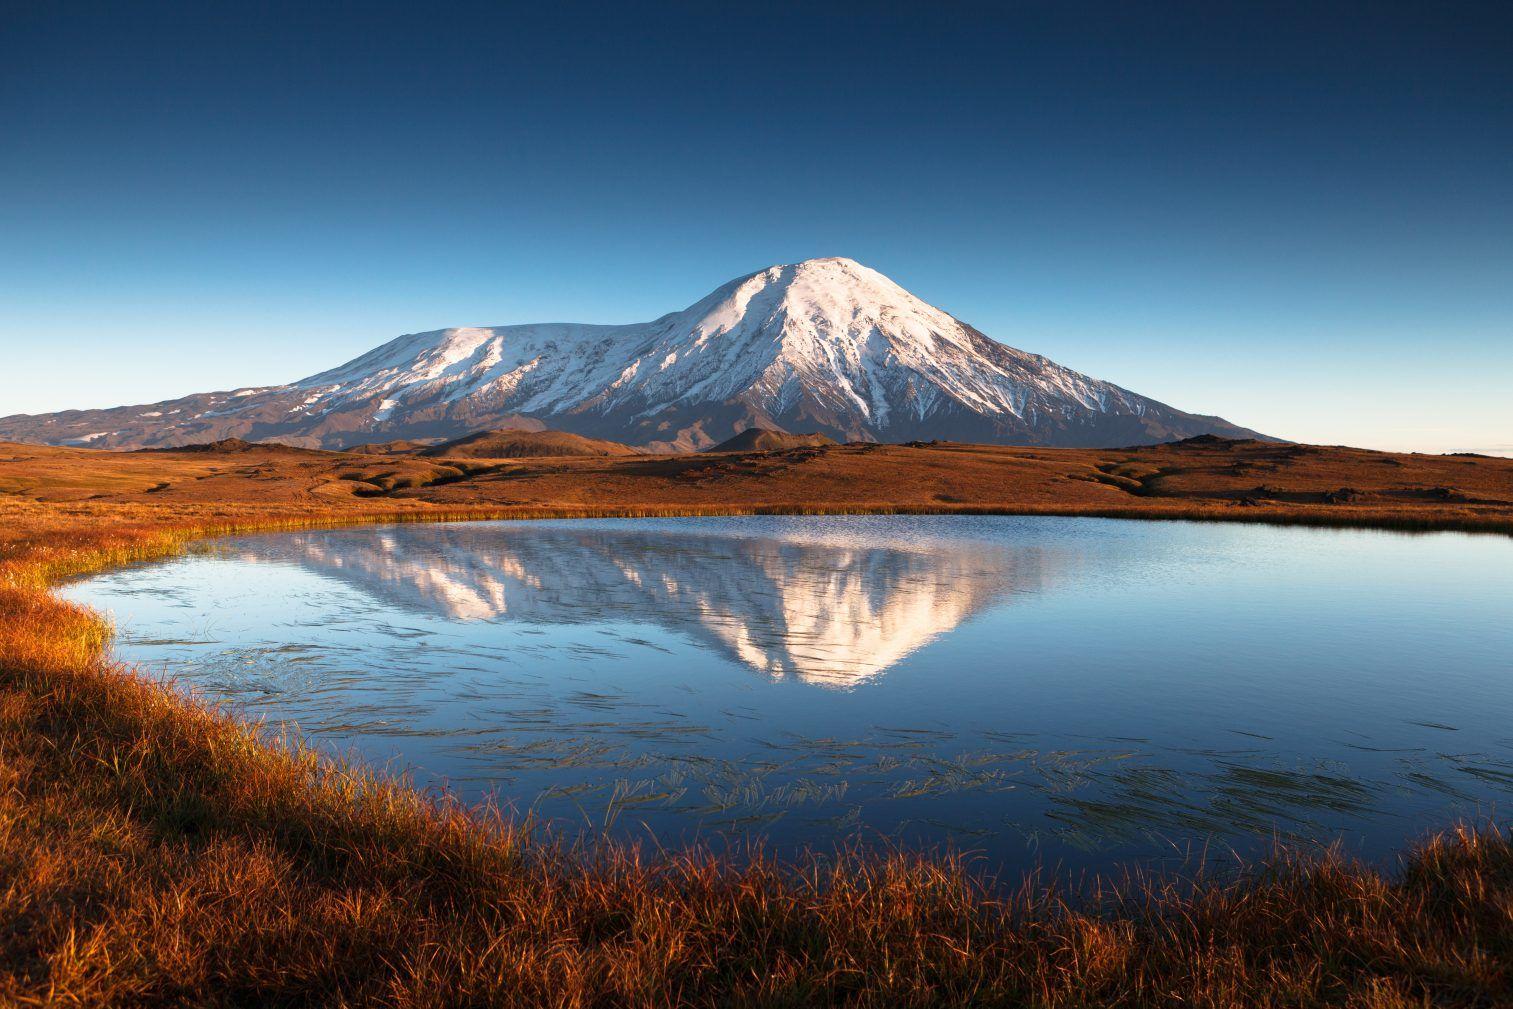 Kamtschatka Vulkan Panorama